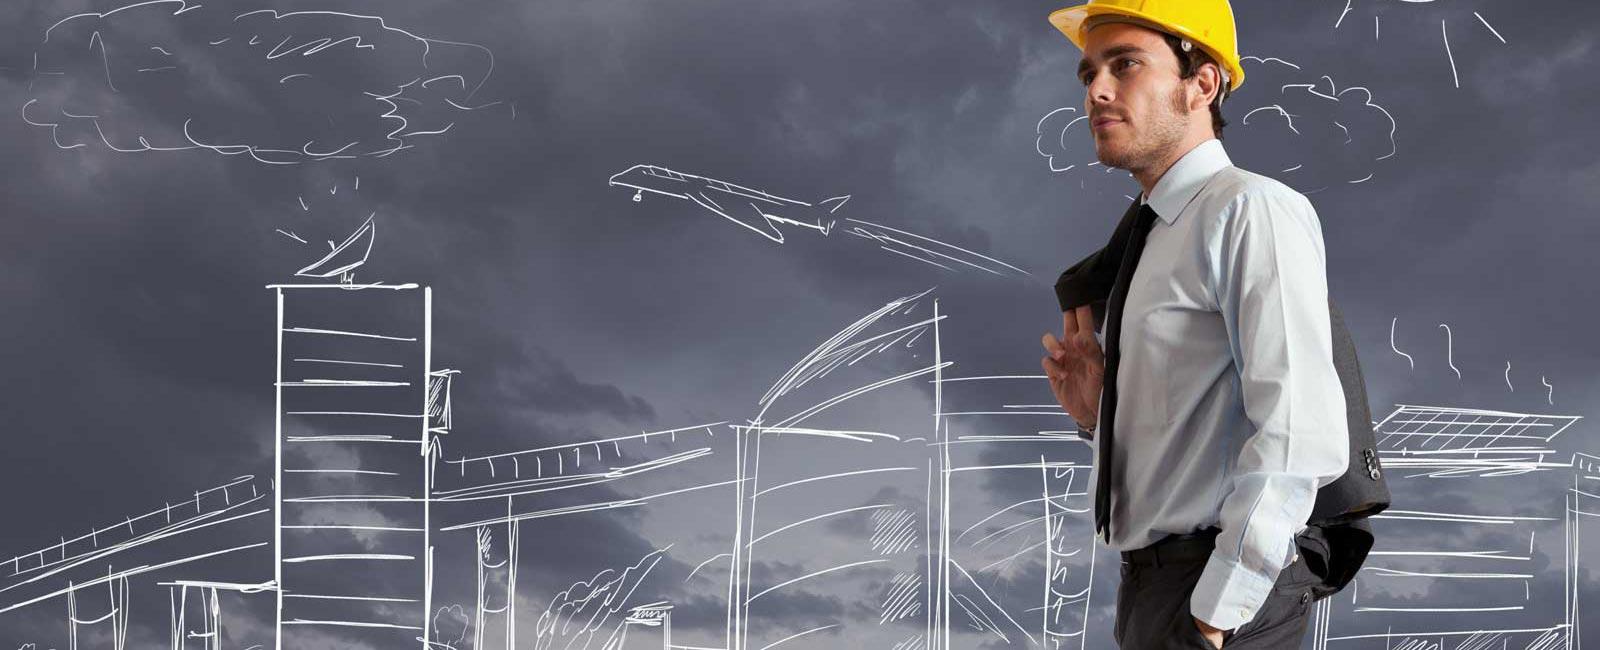 Piani di sicurezza e coordinamento for Piani di progettazione architettonica